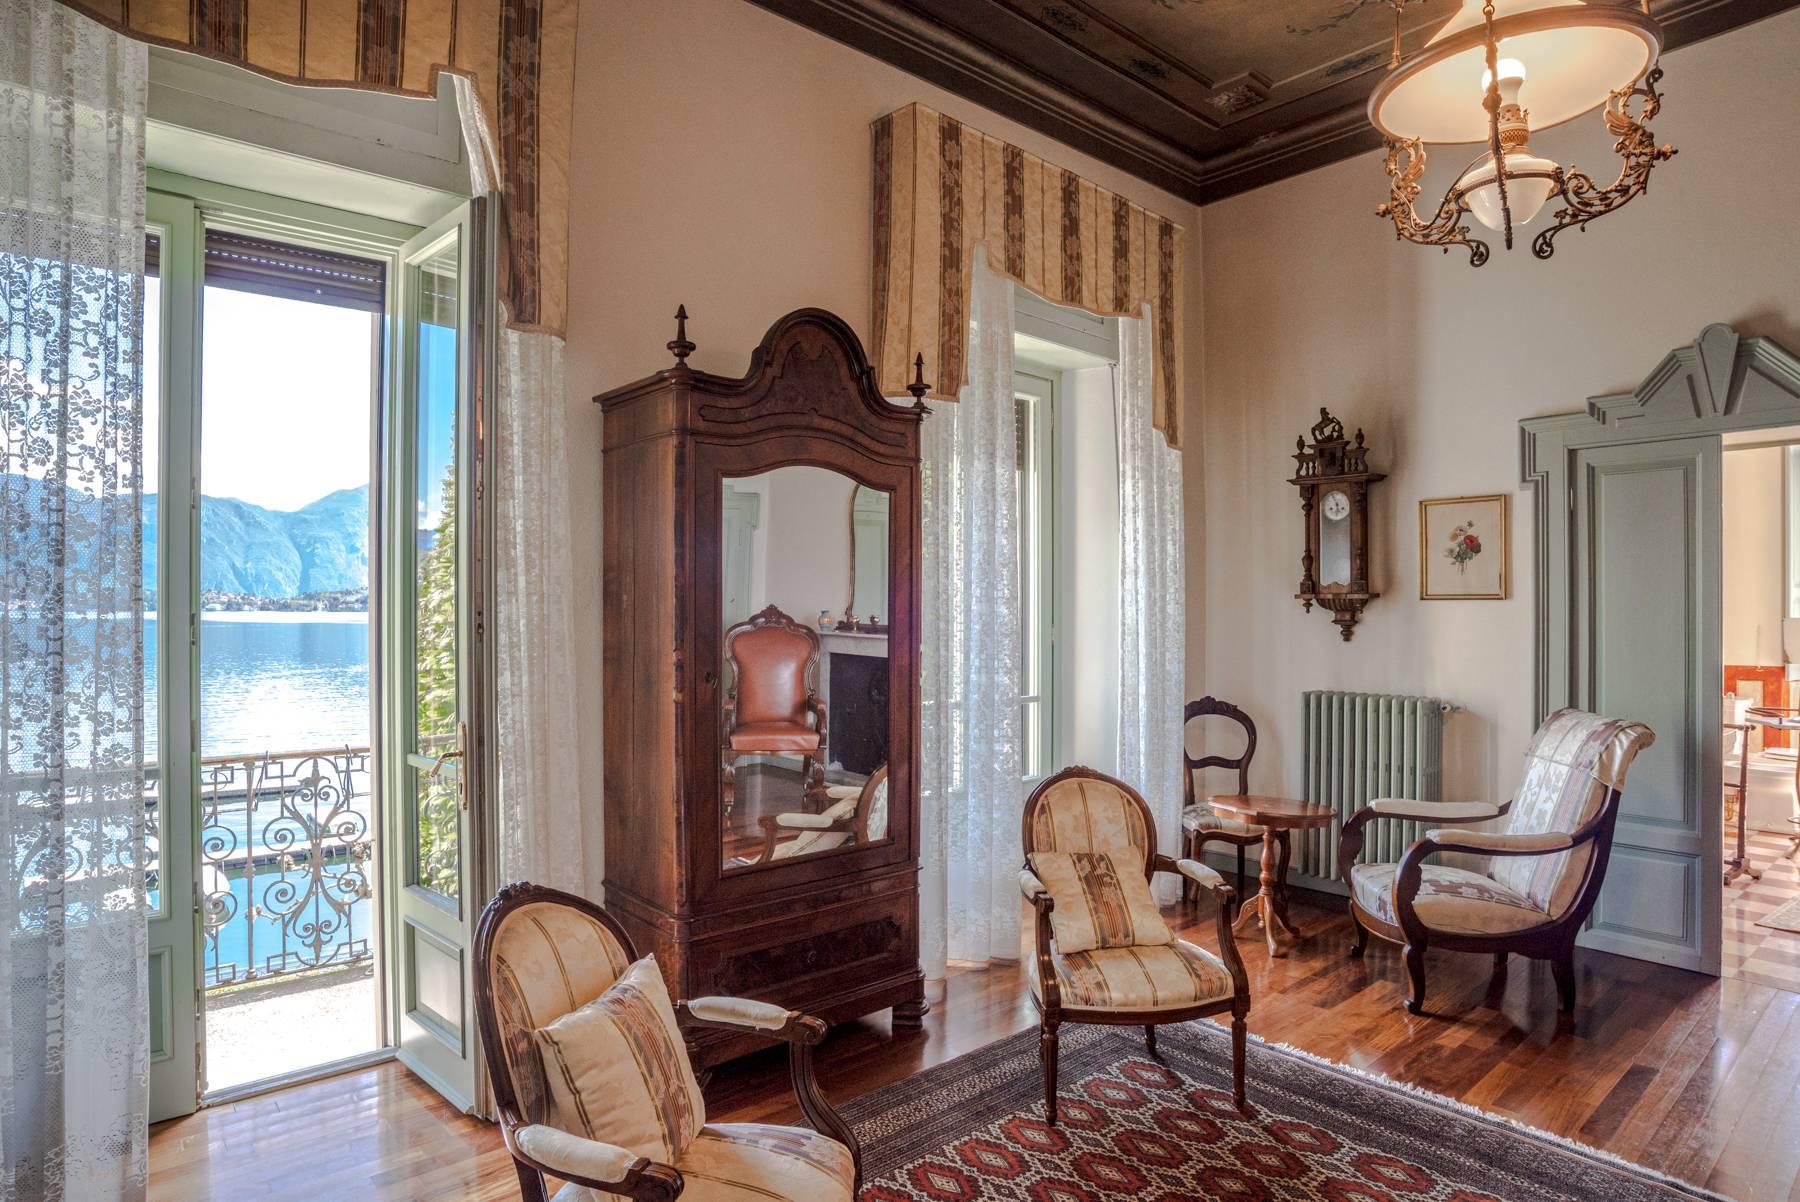 Villa in Vendita a Tremezzina: 5 locali, 650 mq - Foto 13